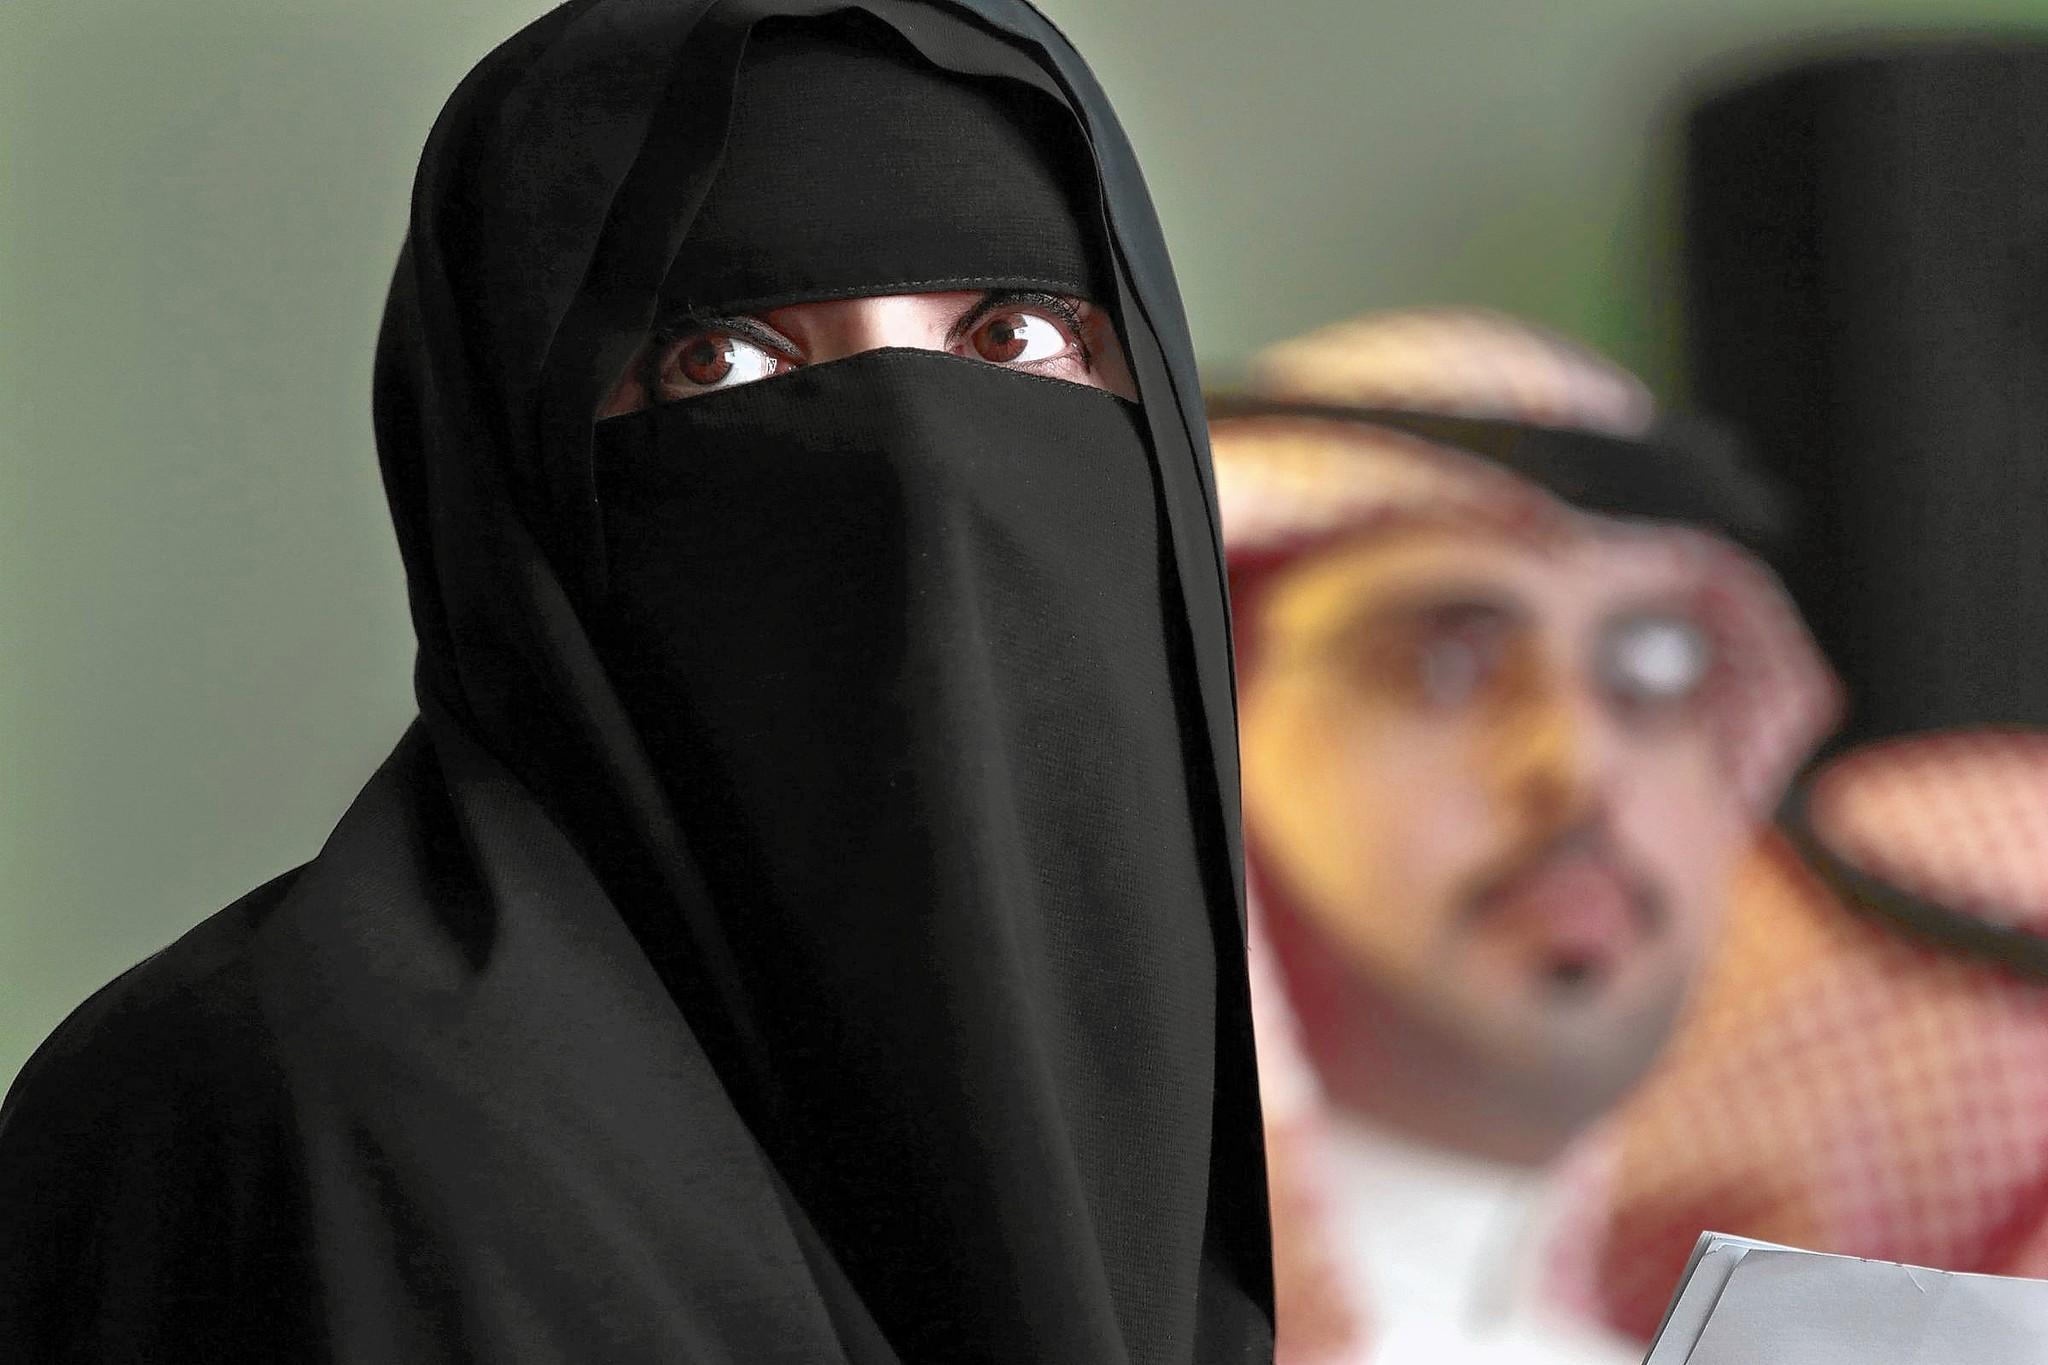 السعودية تطلق سراح أربع نساء بسبب قضايا حقوقية